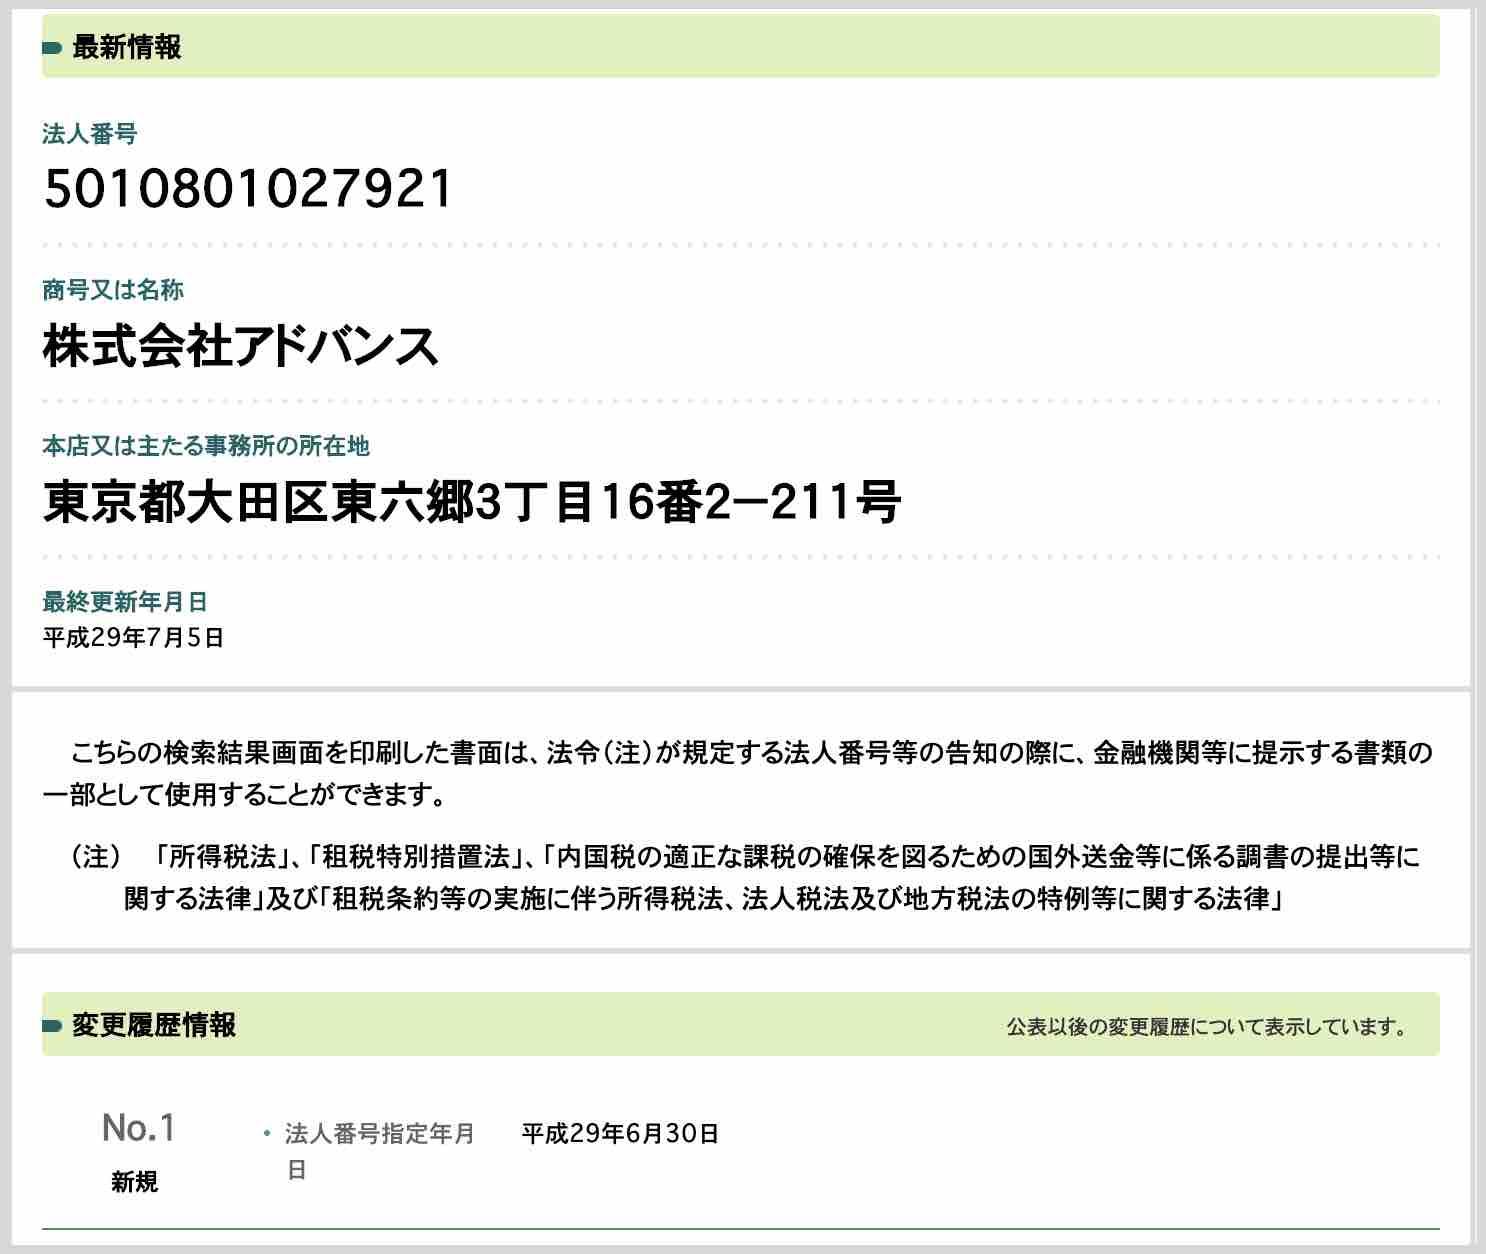 オウマナビという競馬予想サイトの情報を国税庁サイトで発見